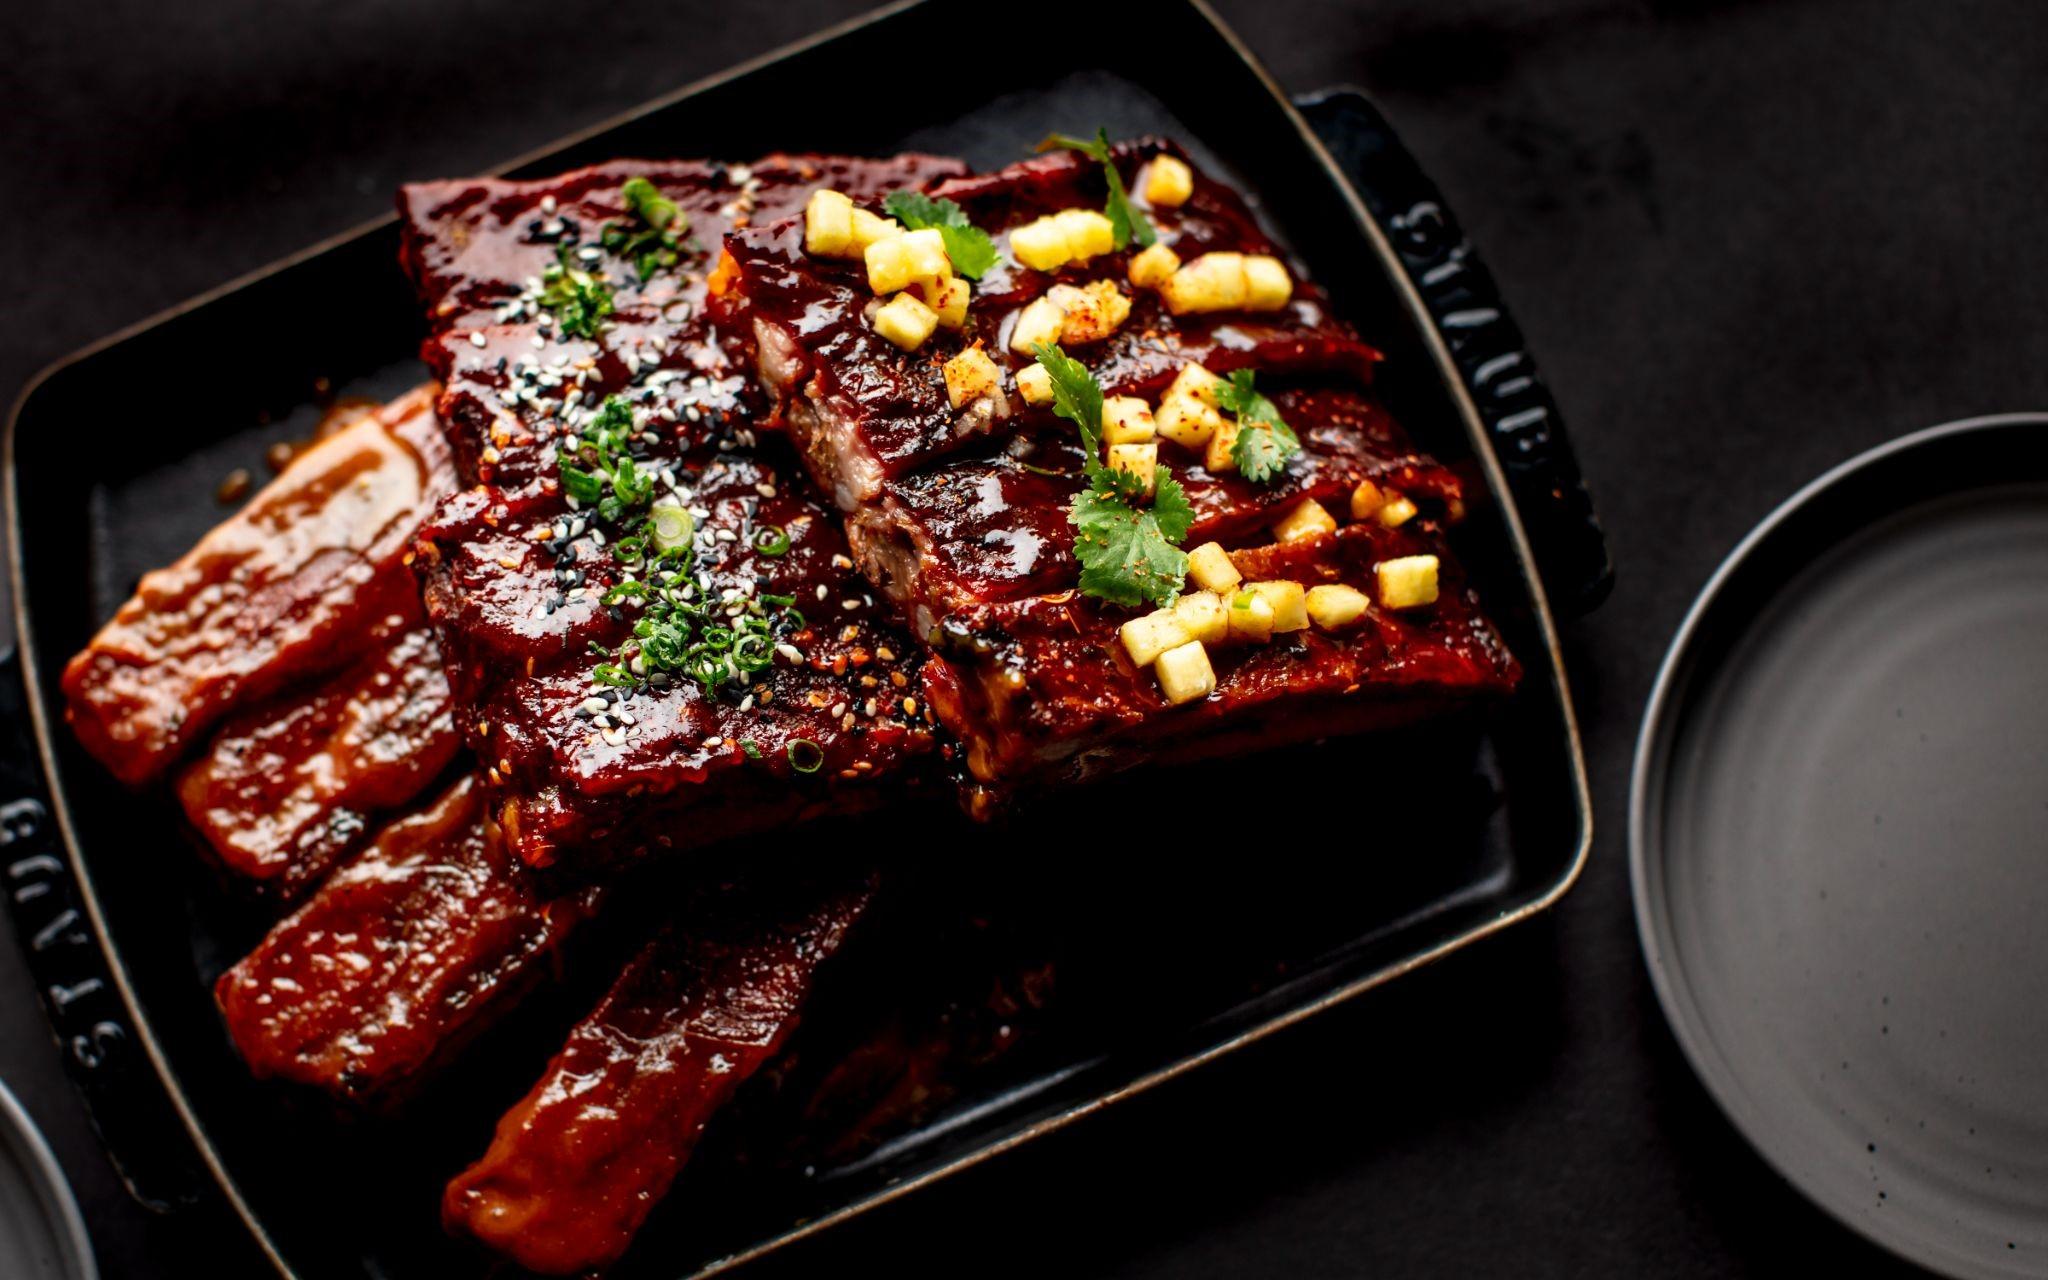 plate of ribs at Internaional Smoke